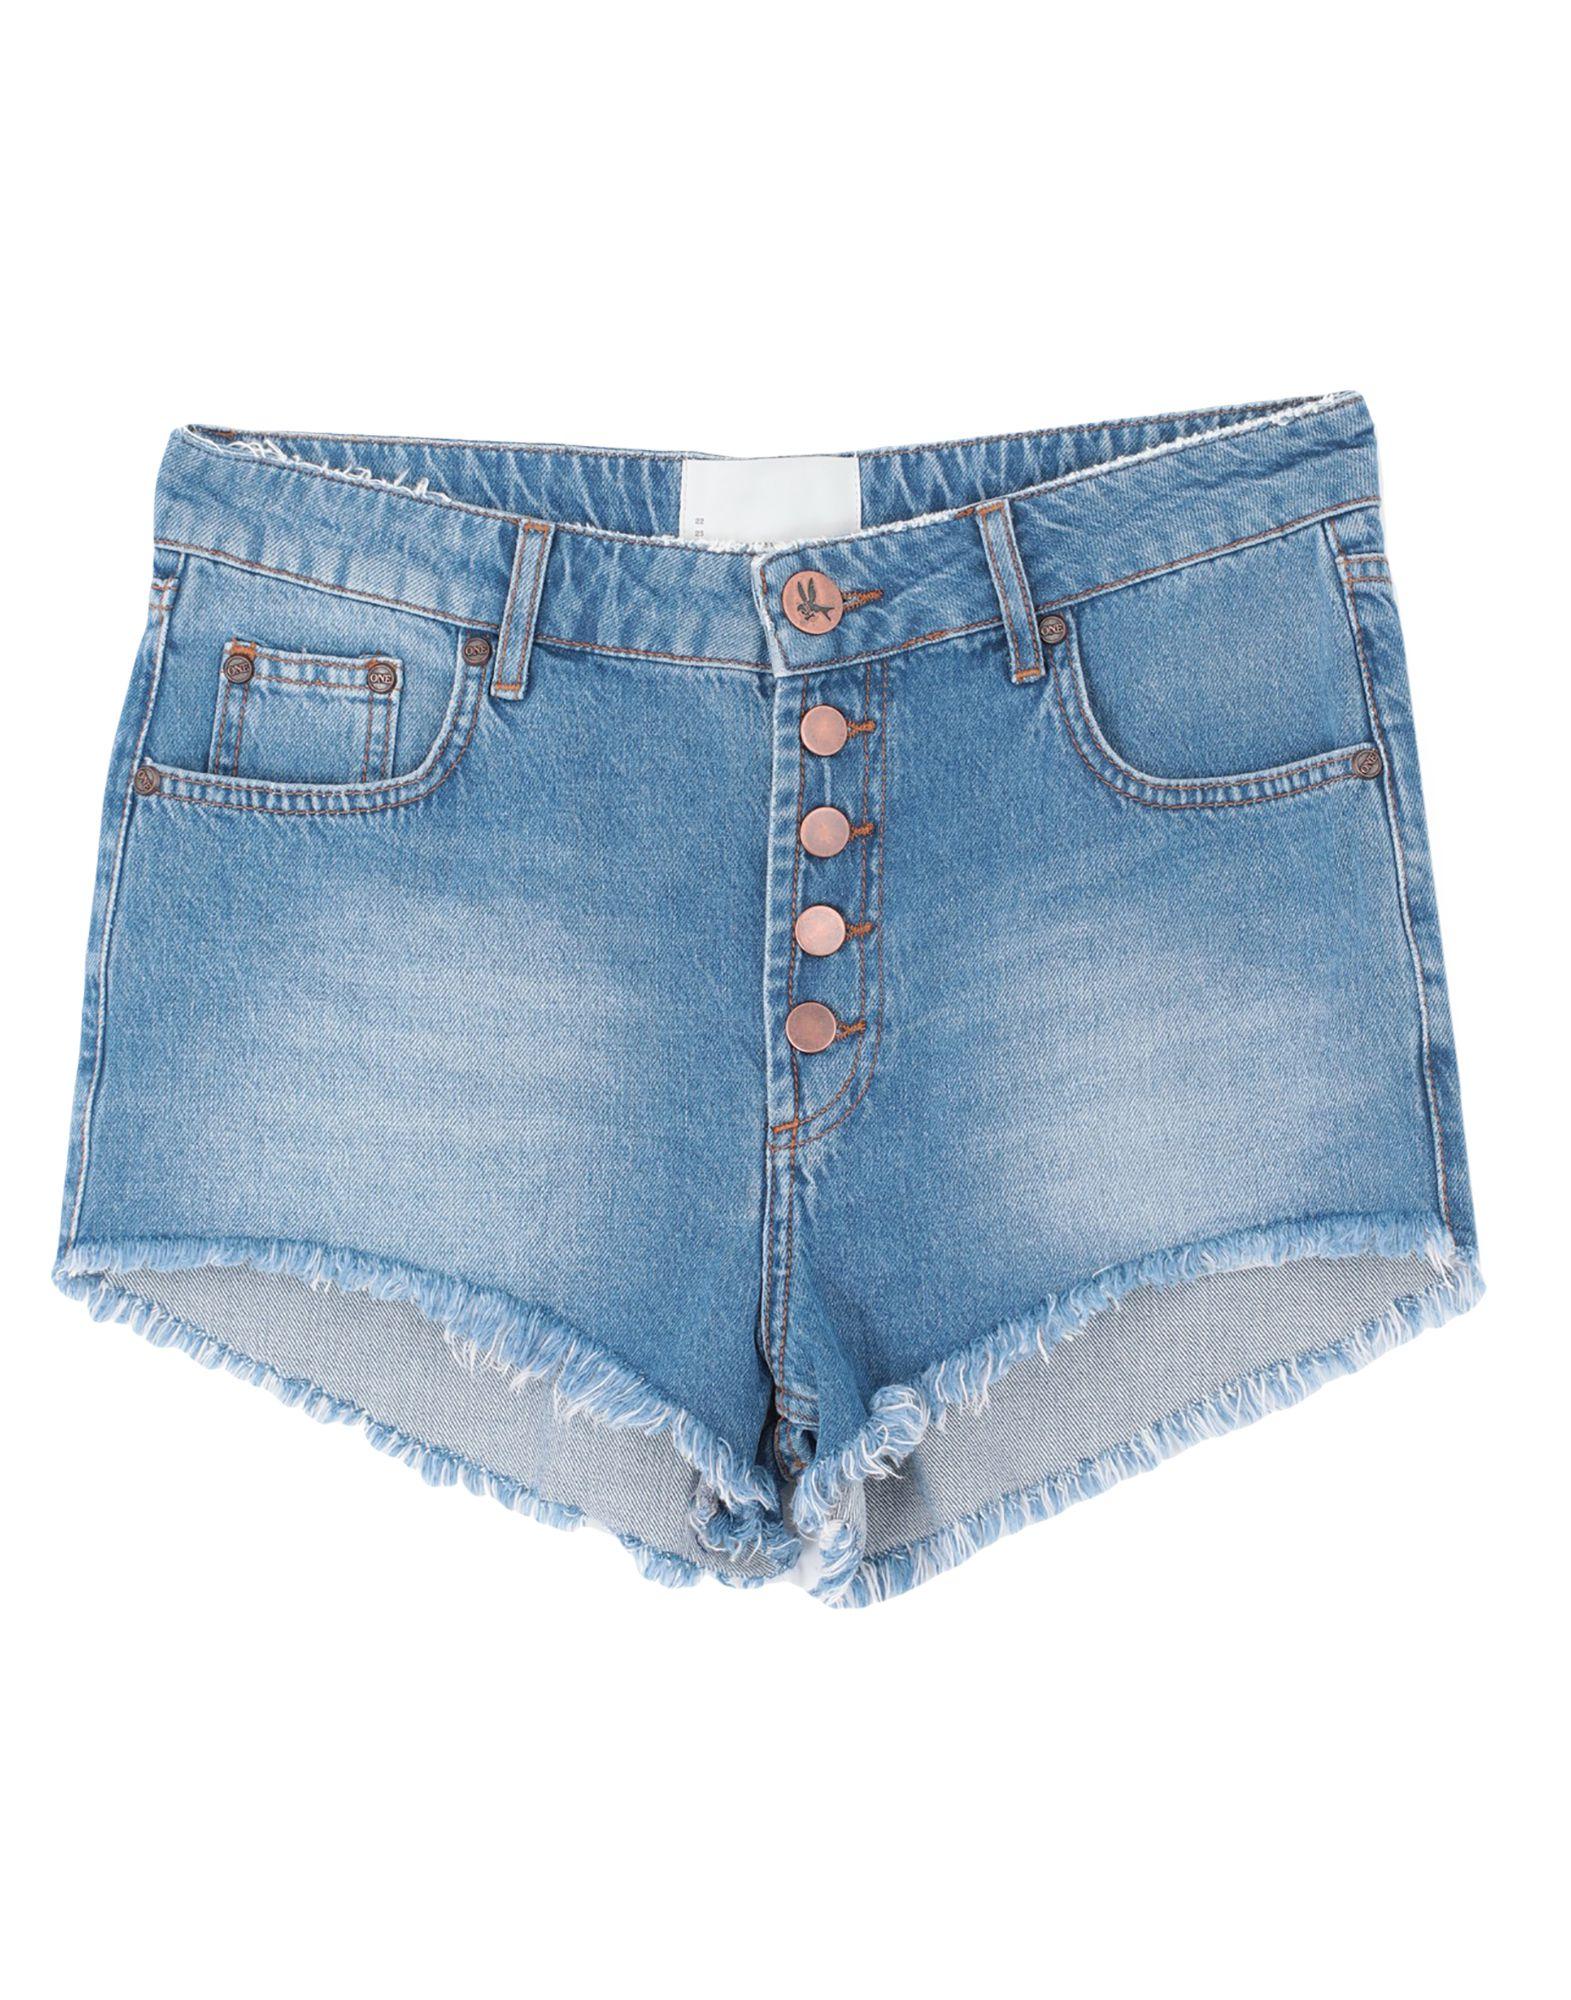 Фото - ONETEASPOON Джинсовые шорты please джинсовые шорты